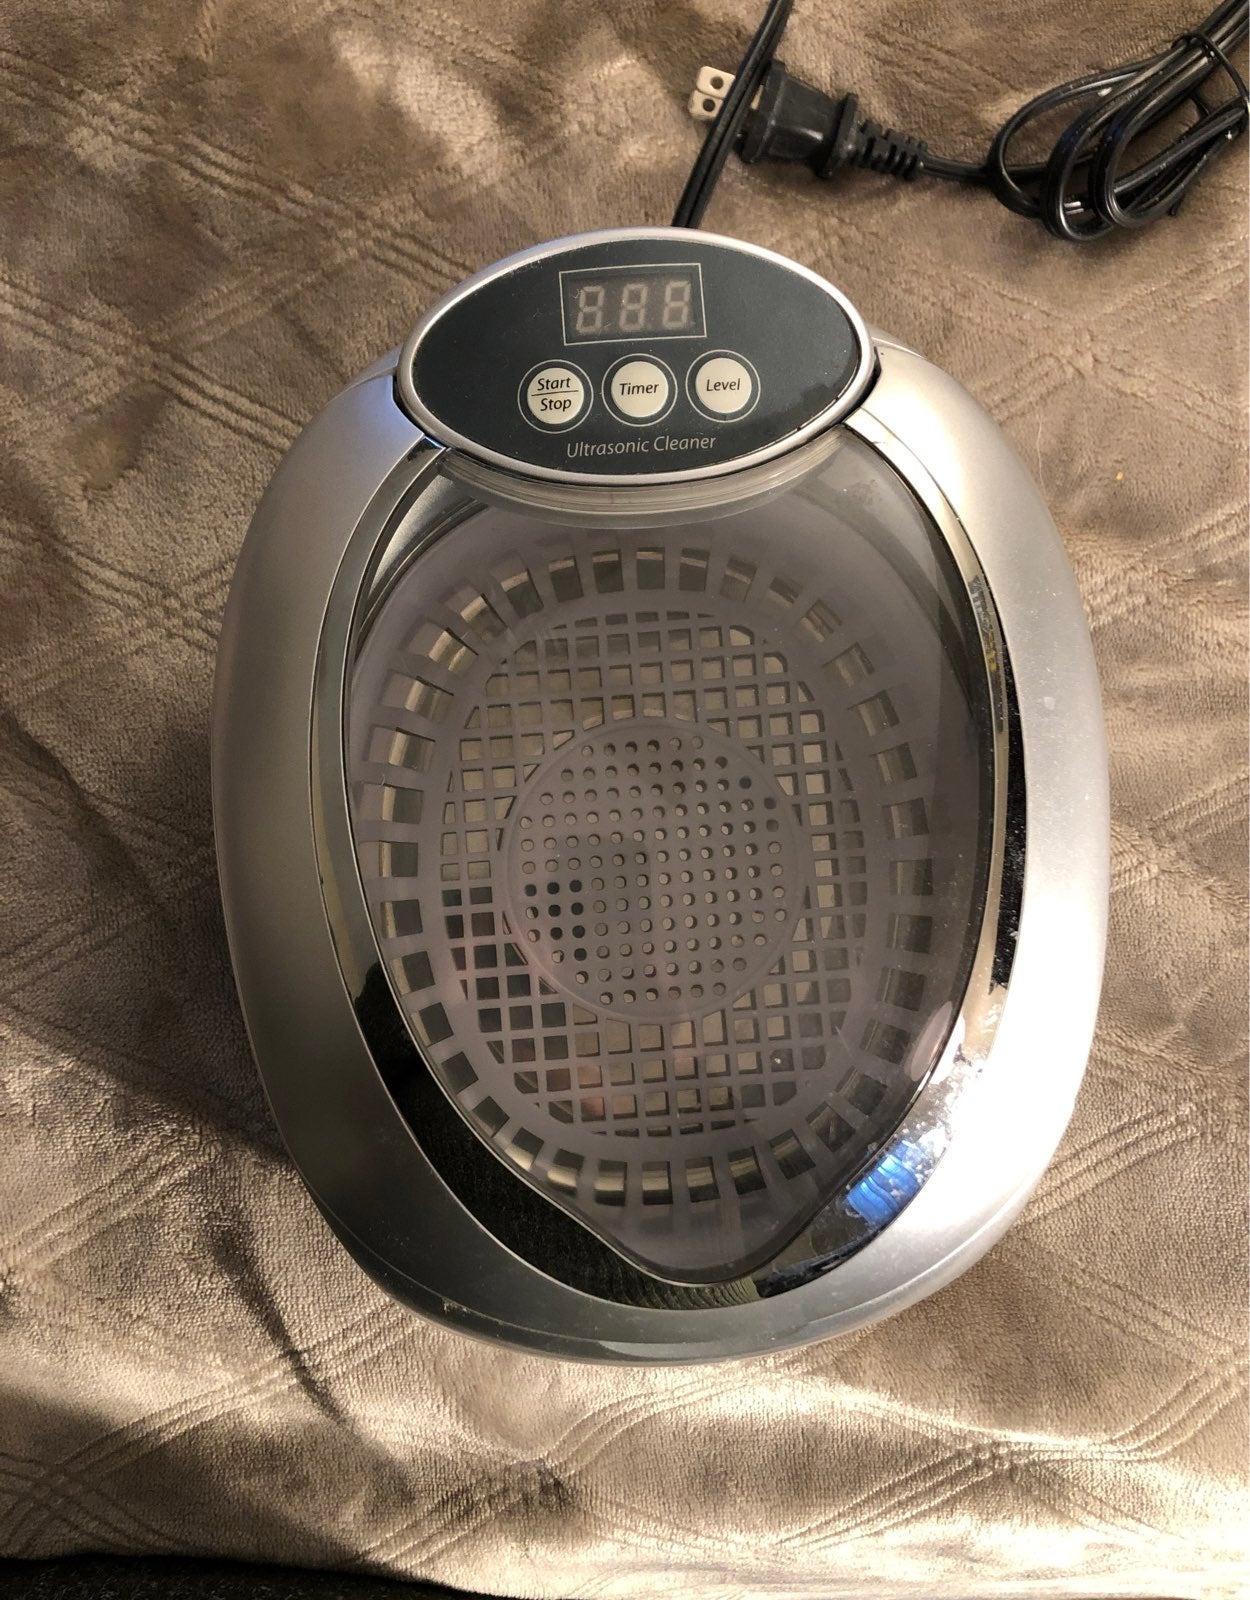 Brookstone ultrasonic jewerly cleaner